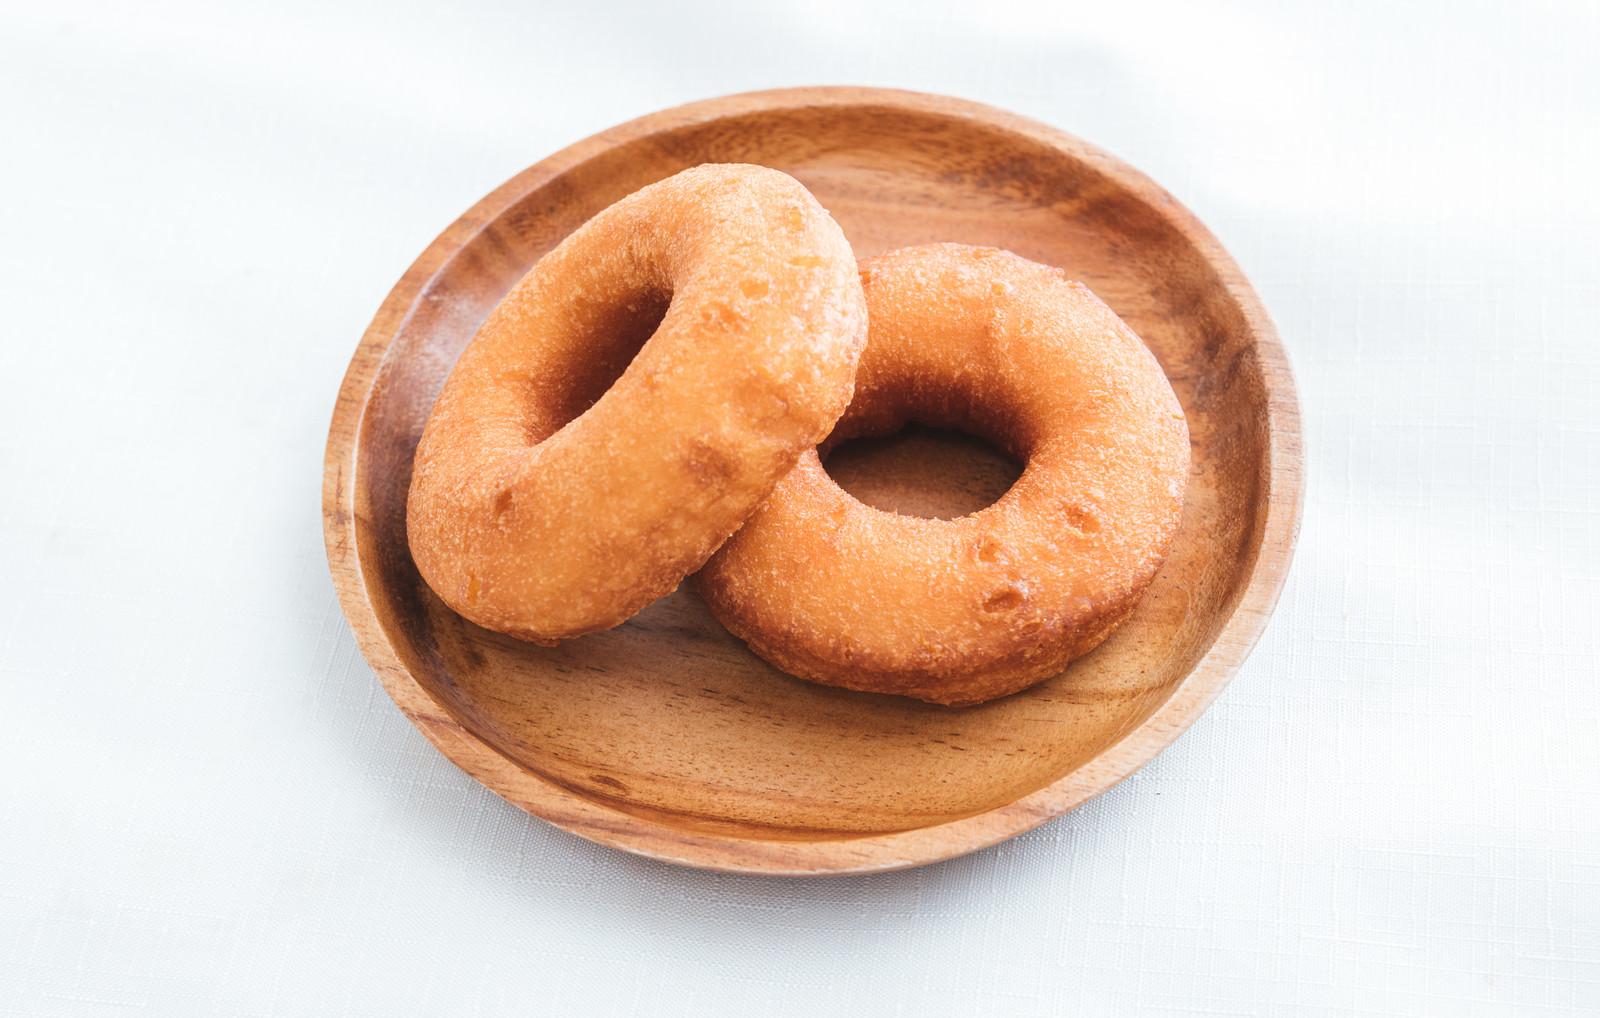 「おぼんに乗ったドーナッツ」の写真